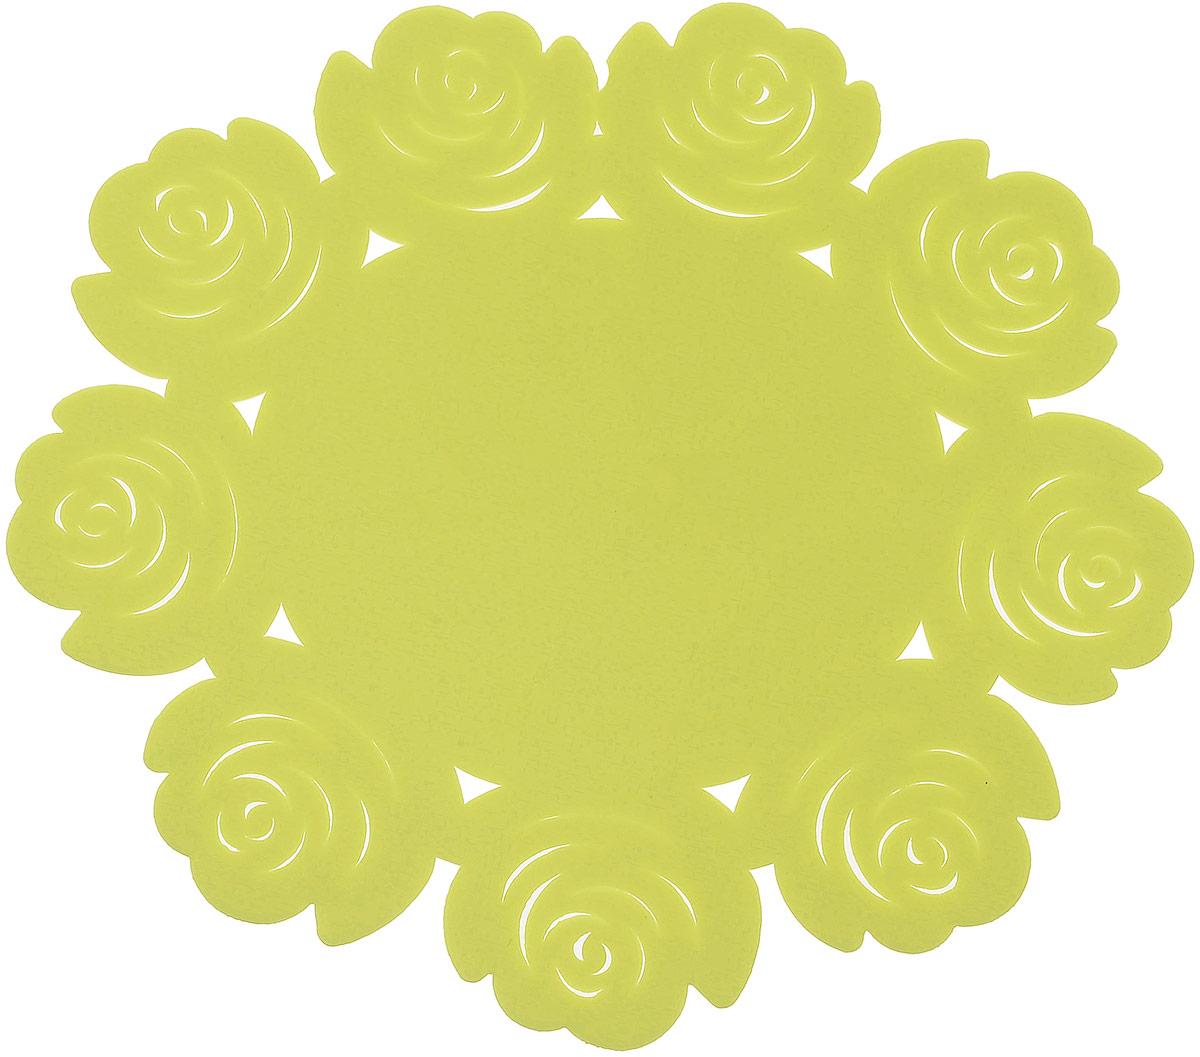 Подставка под горячее Доляна Летний домик, цвет: салатовый, 16 см812069Силиконовая подставка под горячее — практичный предмет, который обязательно пригодится в хозяйстве. Изделие поможет сберечь столы, тумбы, скатерти и клеёнки от повреждения нагретыми сковородами, кастрюлями, чайниками и тарелками.